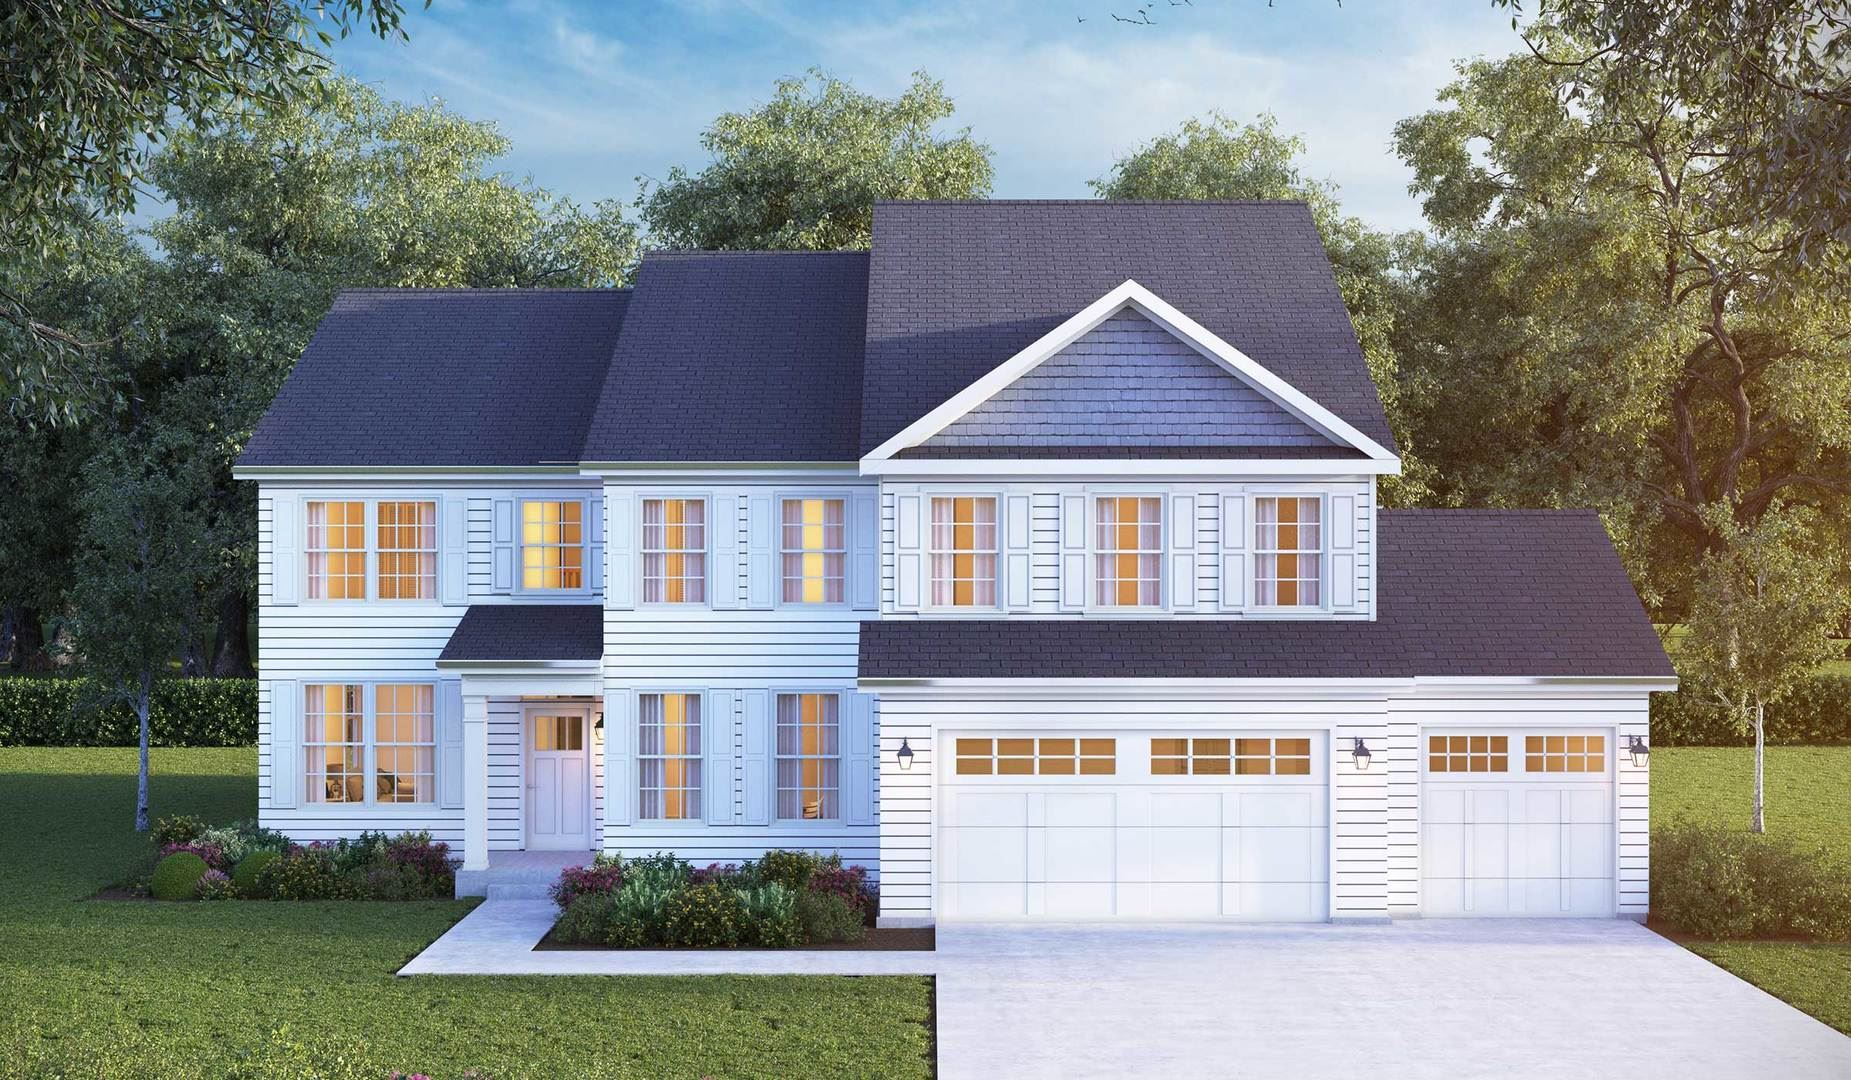 Photo of 1604 Moran Drive, Shorewood, IL 60404 (MLS # 10971266)